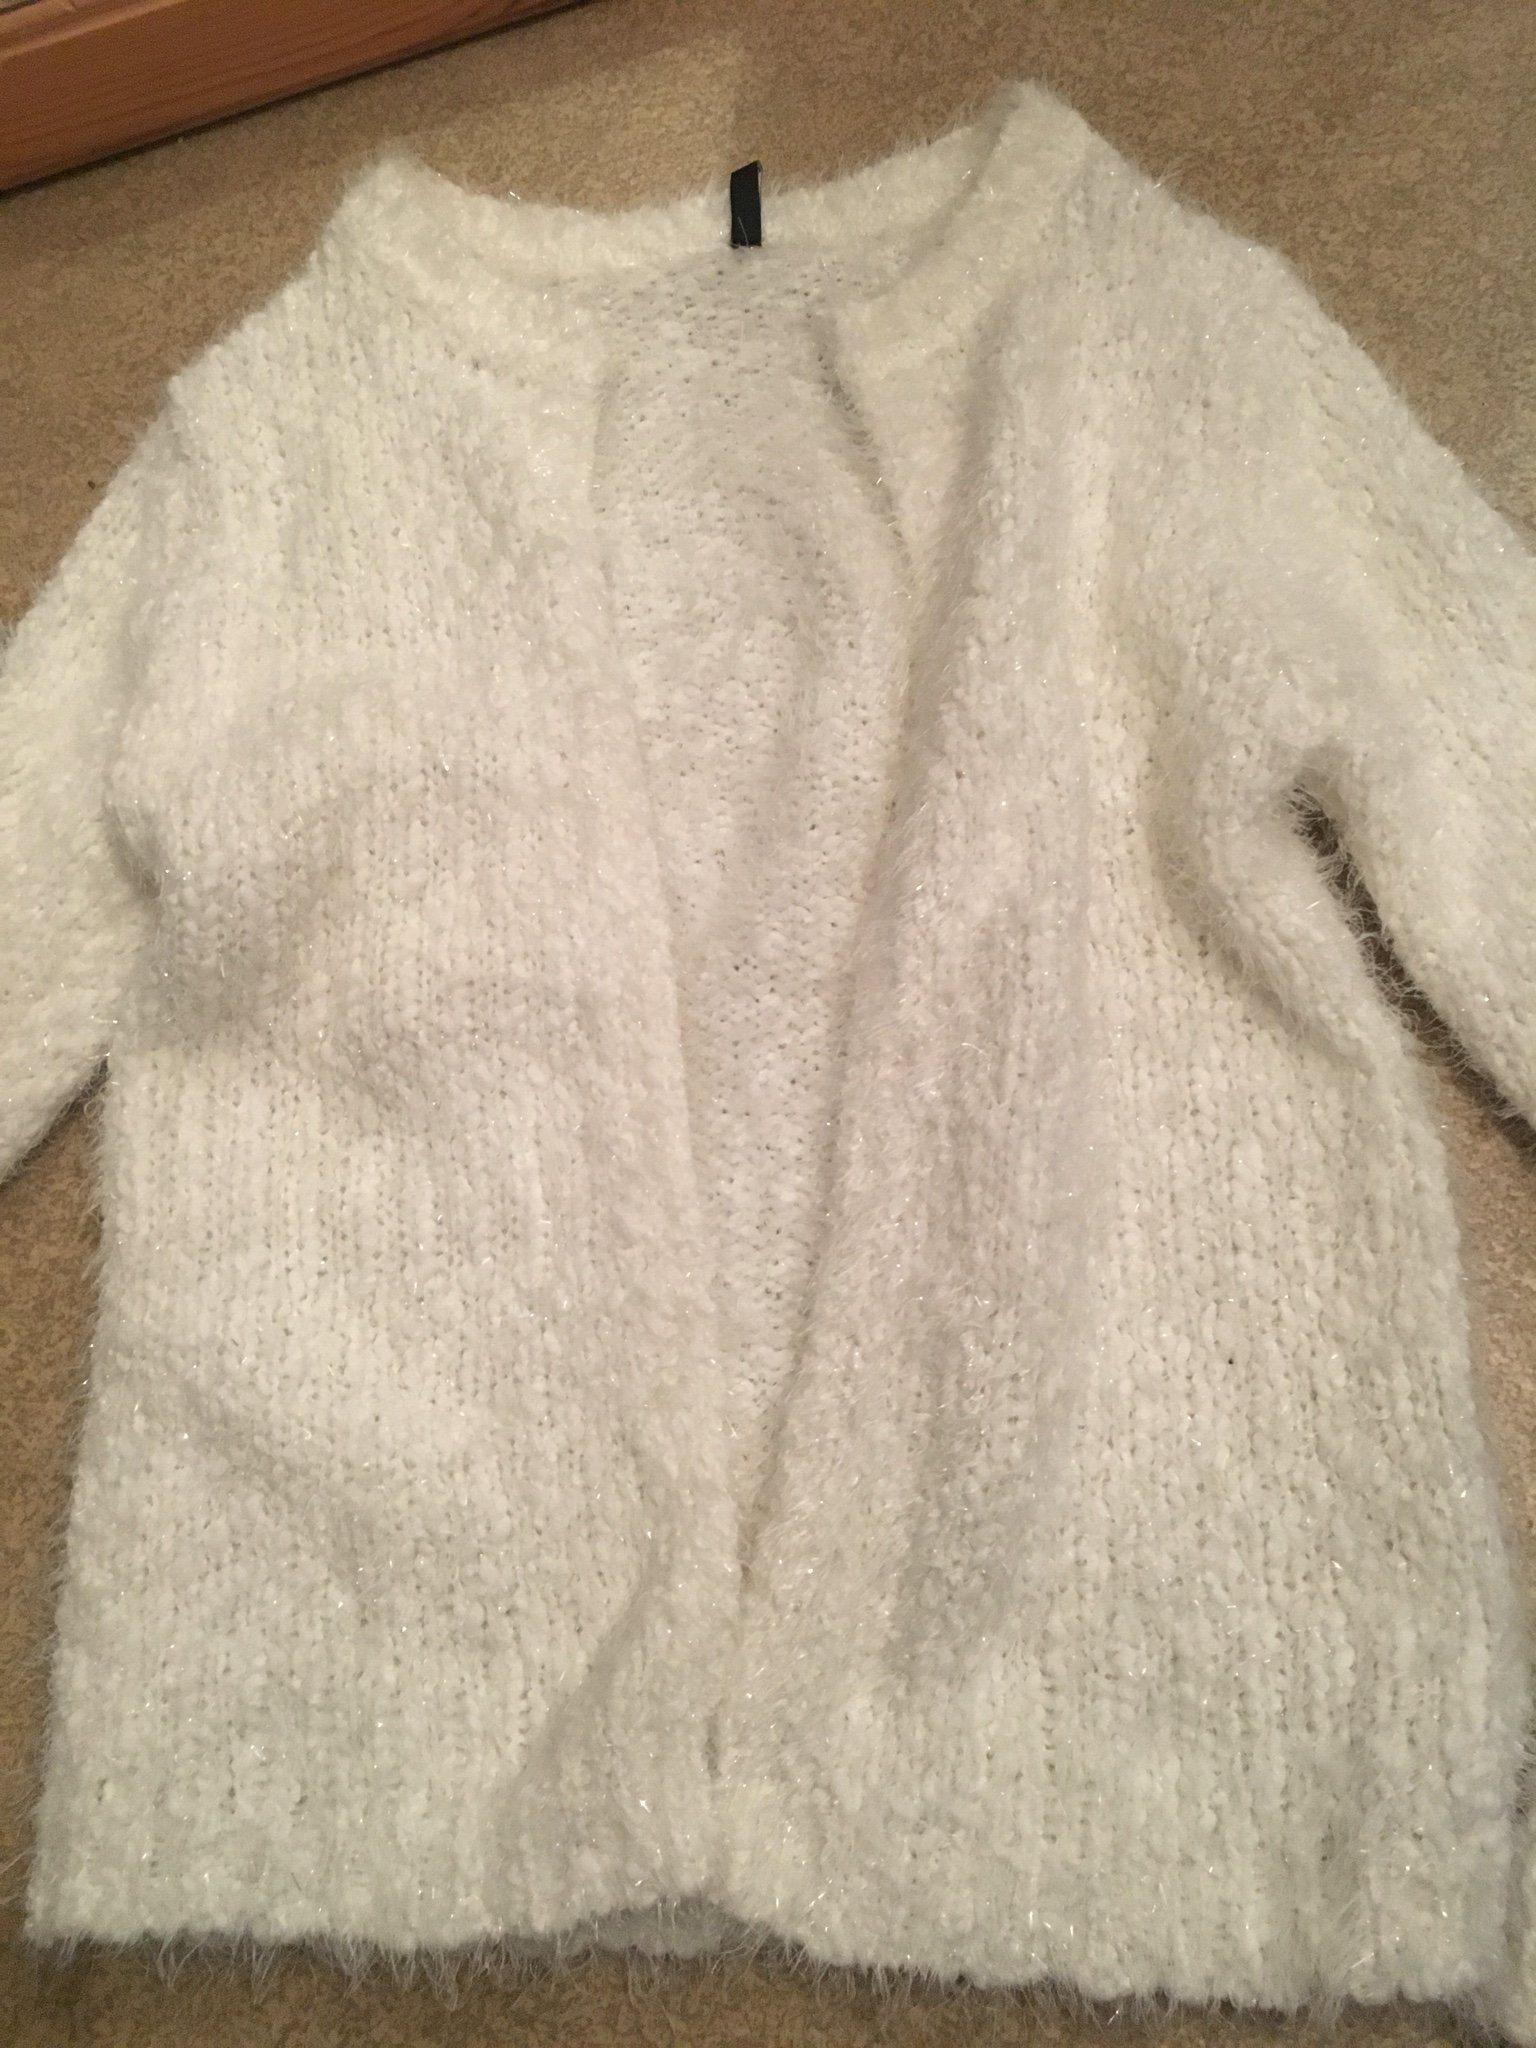 Vit glittrig tröja stl s (372940523) ᐈ Köp på Tradera